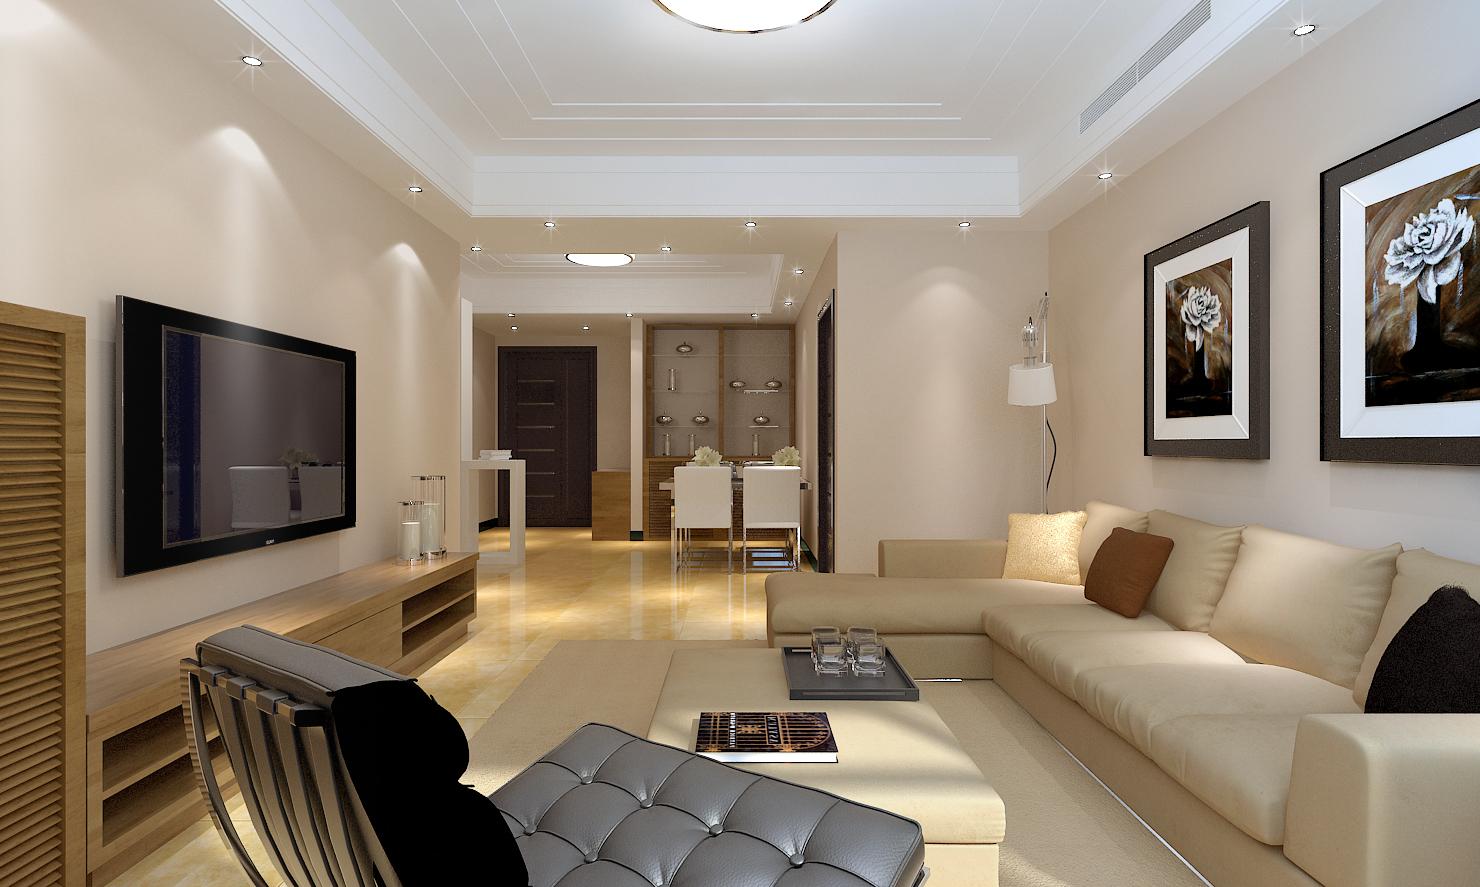 简约 实创 新房装修 客厅图片来自天津实创装修_装饰在亿城堂b户型庭最受欢迎简约风格的分享